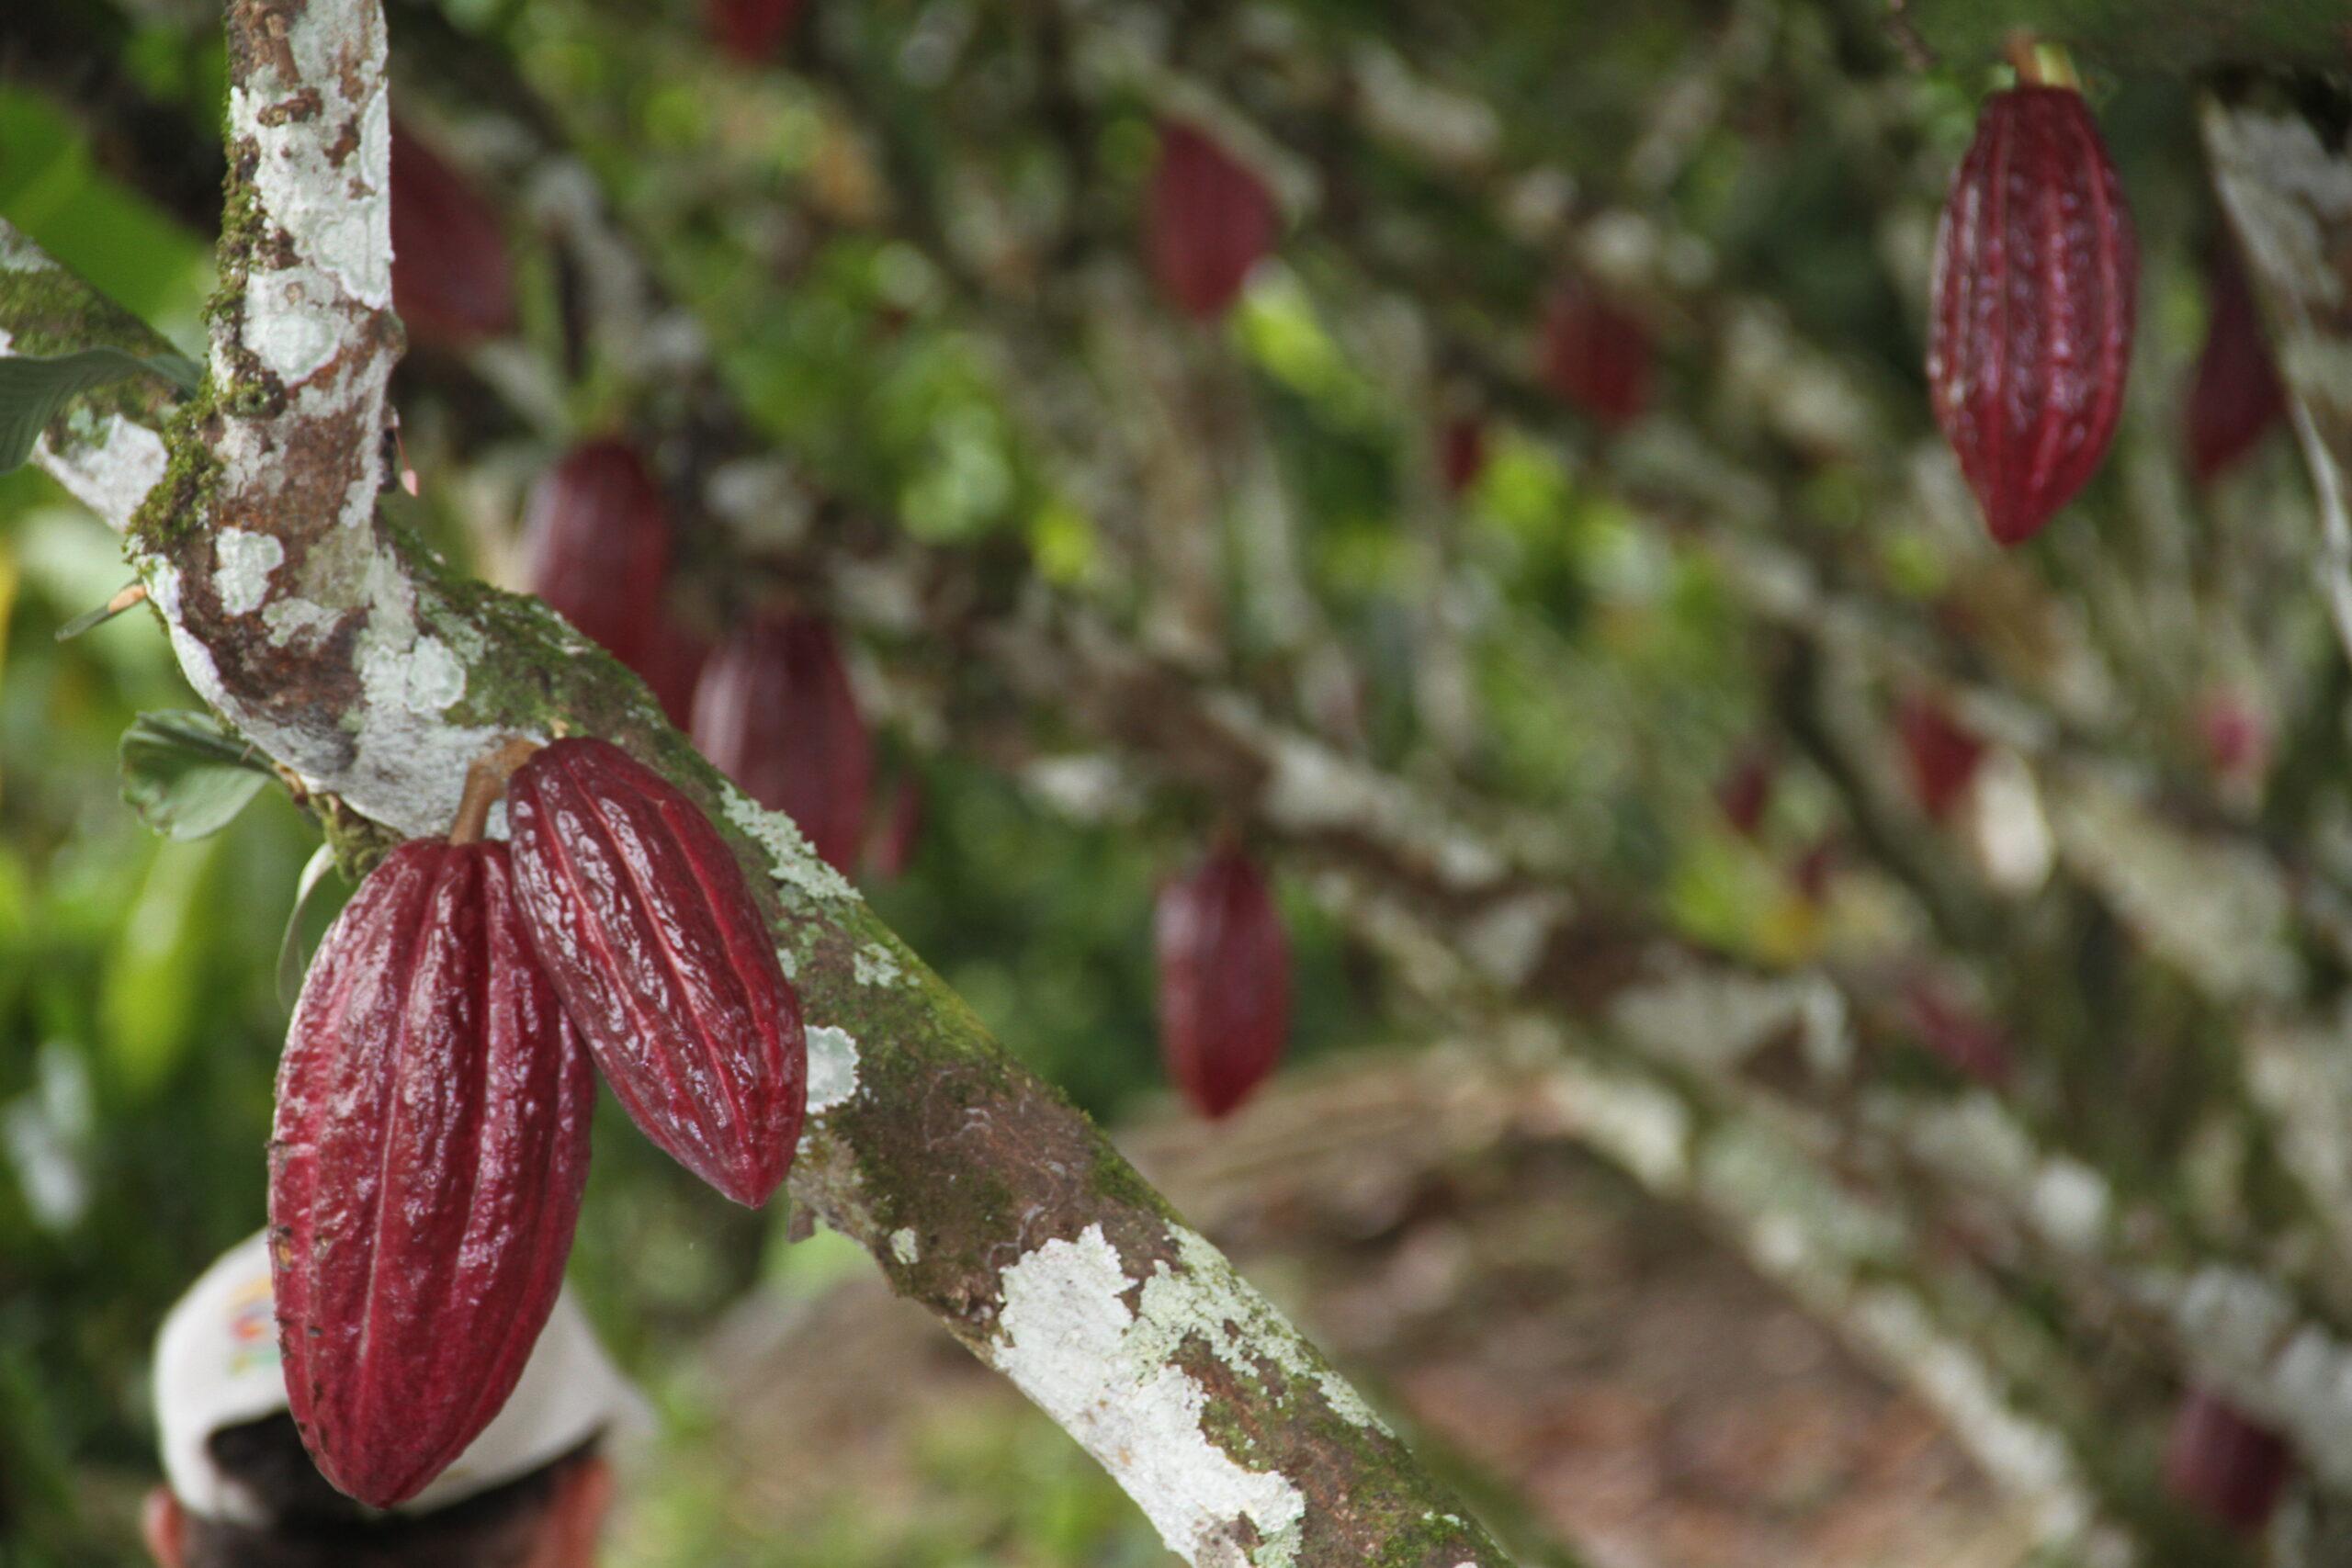 Turistas: Cacao ¿Qué está pasando con los precios?